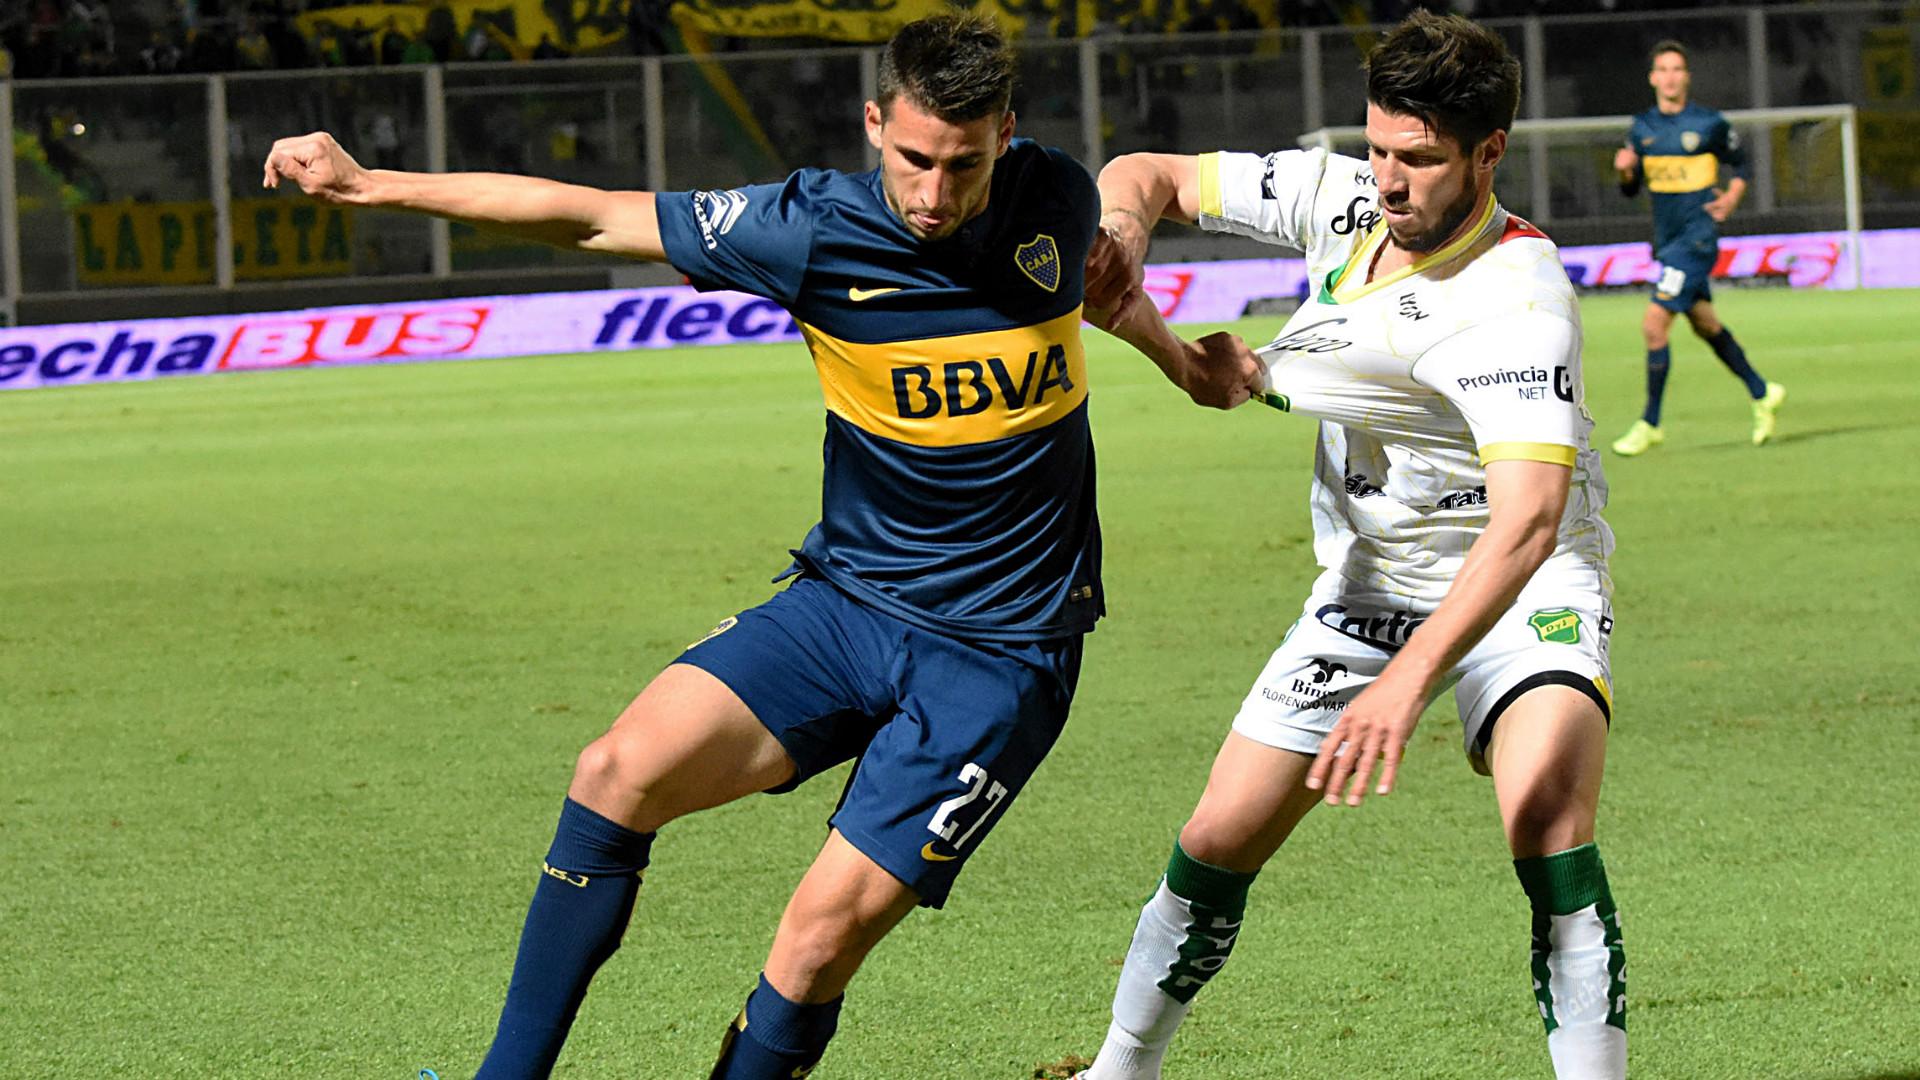 Boca Gano Con Un Gol De Tevez Y Es Semifinalista